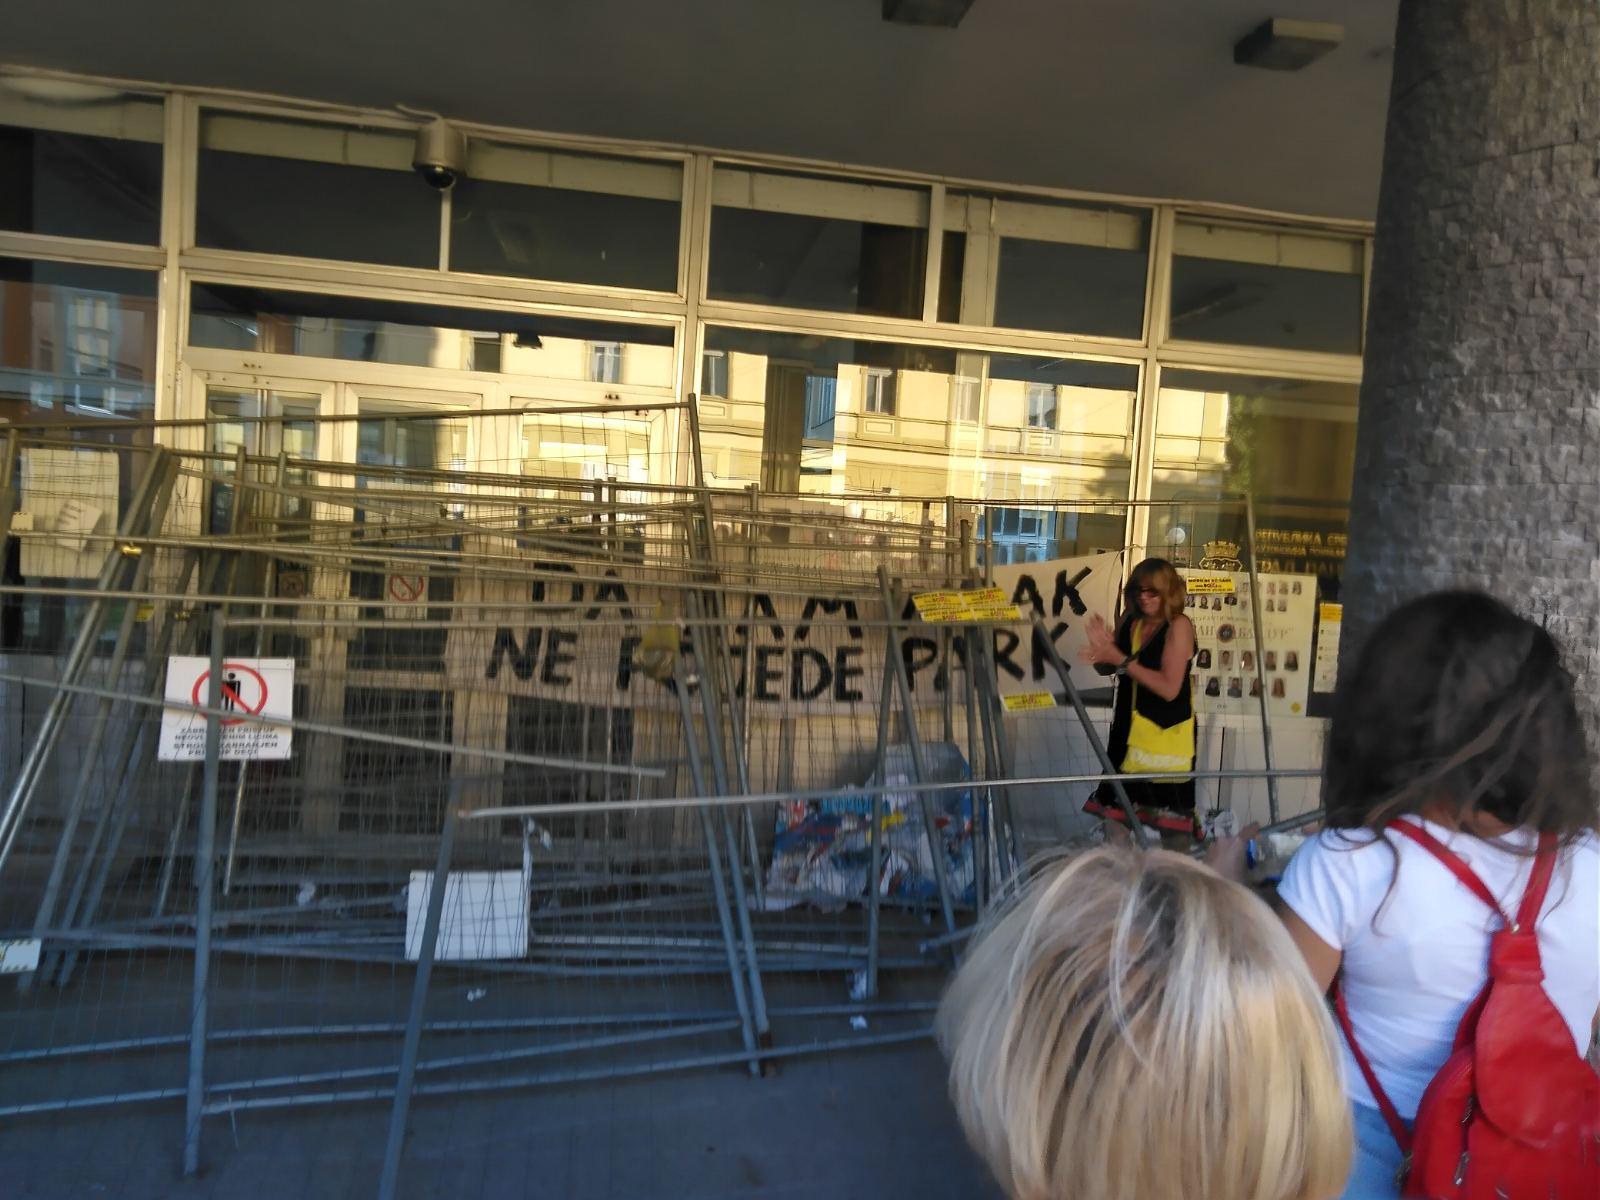 protest, gradska uprava, pančevo nije rupa, protiv seče drveća, pančevo, gradski park pančevo